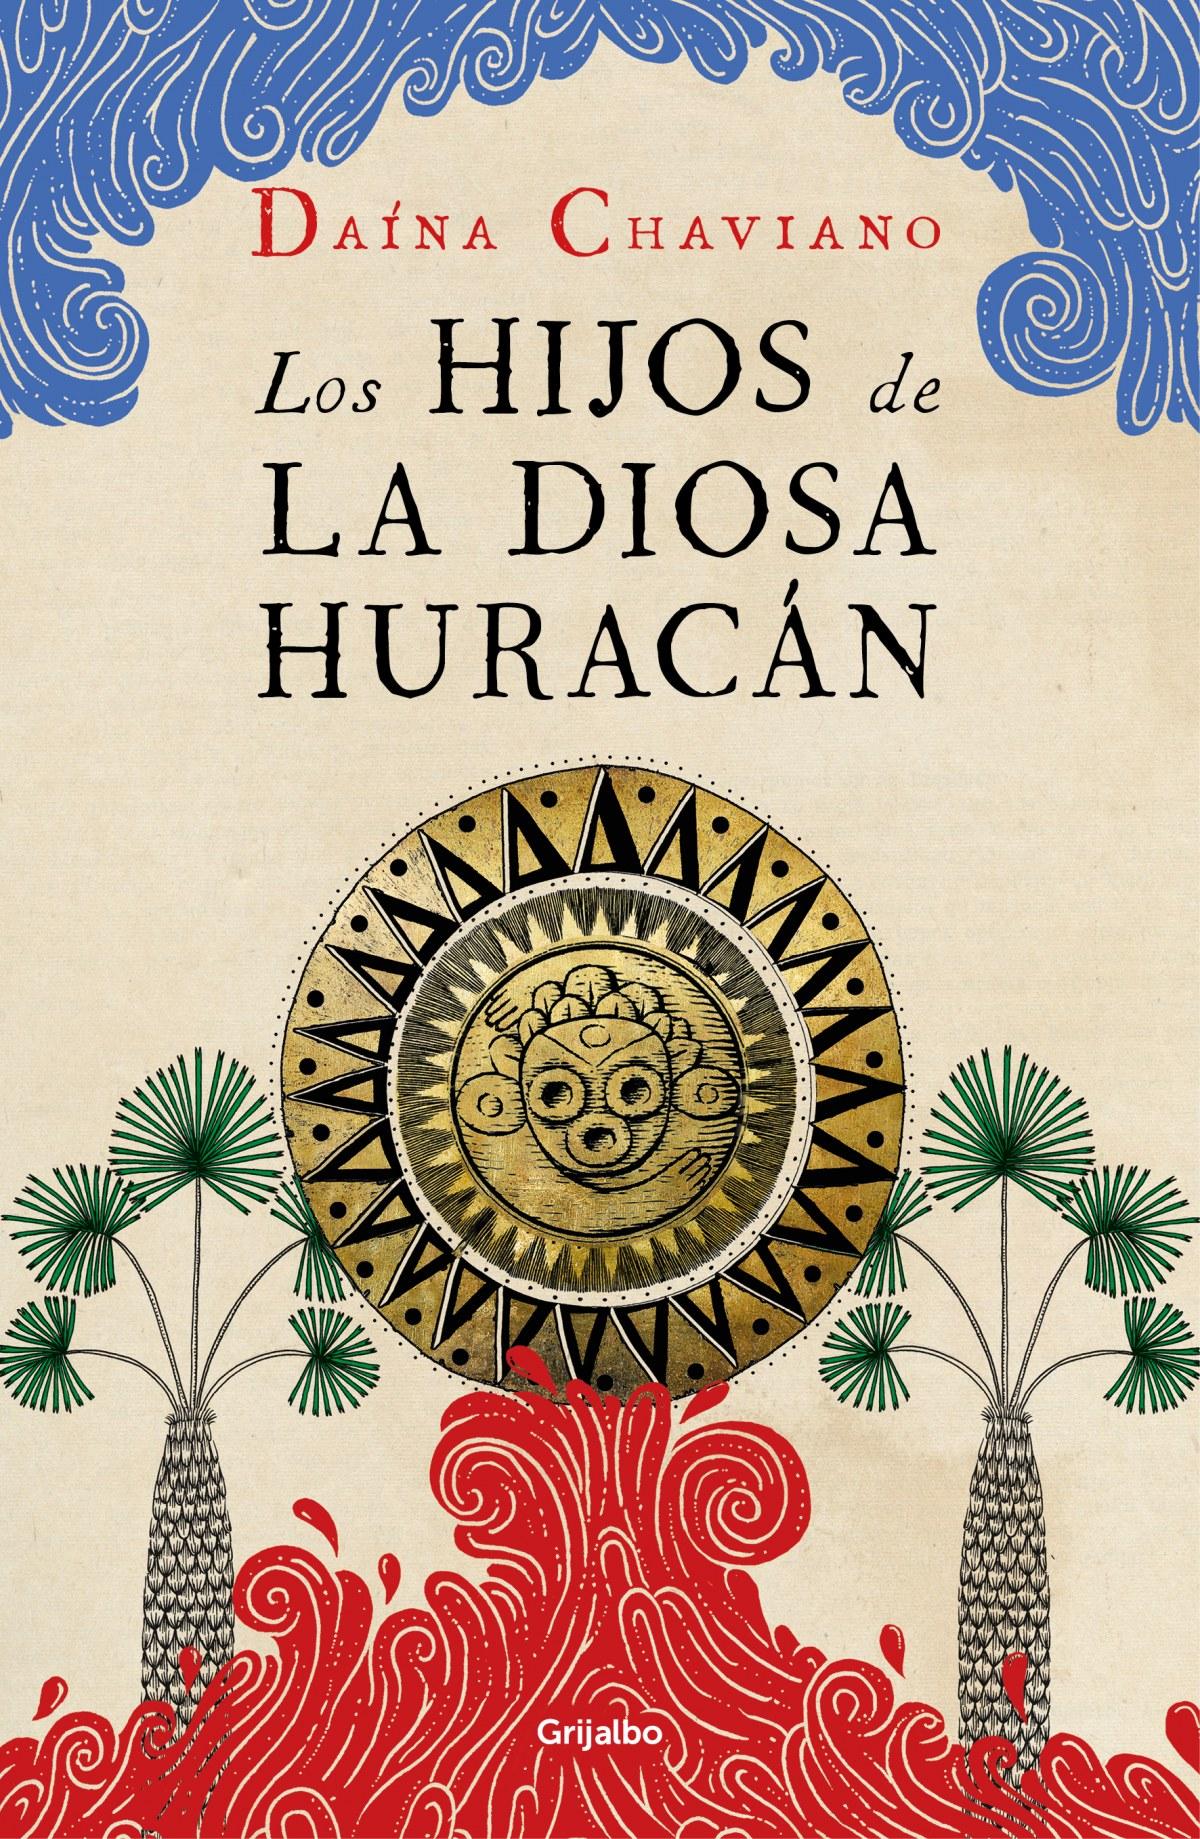 LOS HIJOS DE LA DIOSA HURACAN 9788425357299